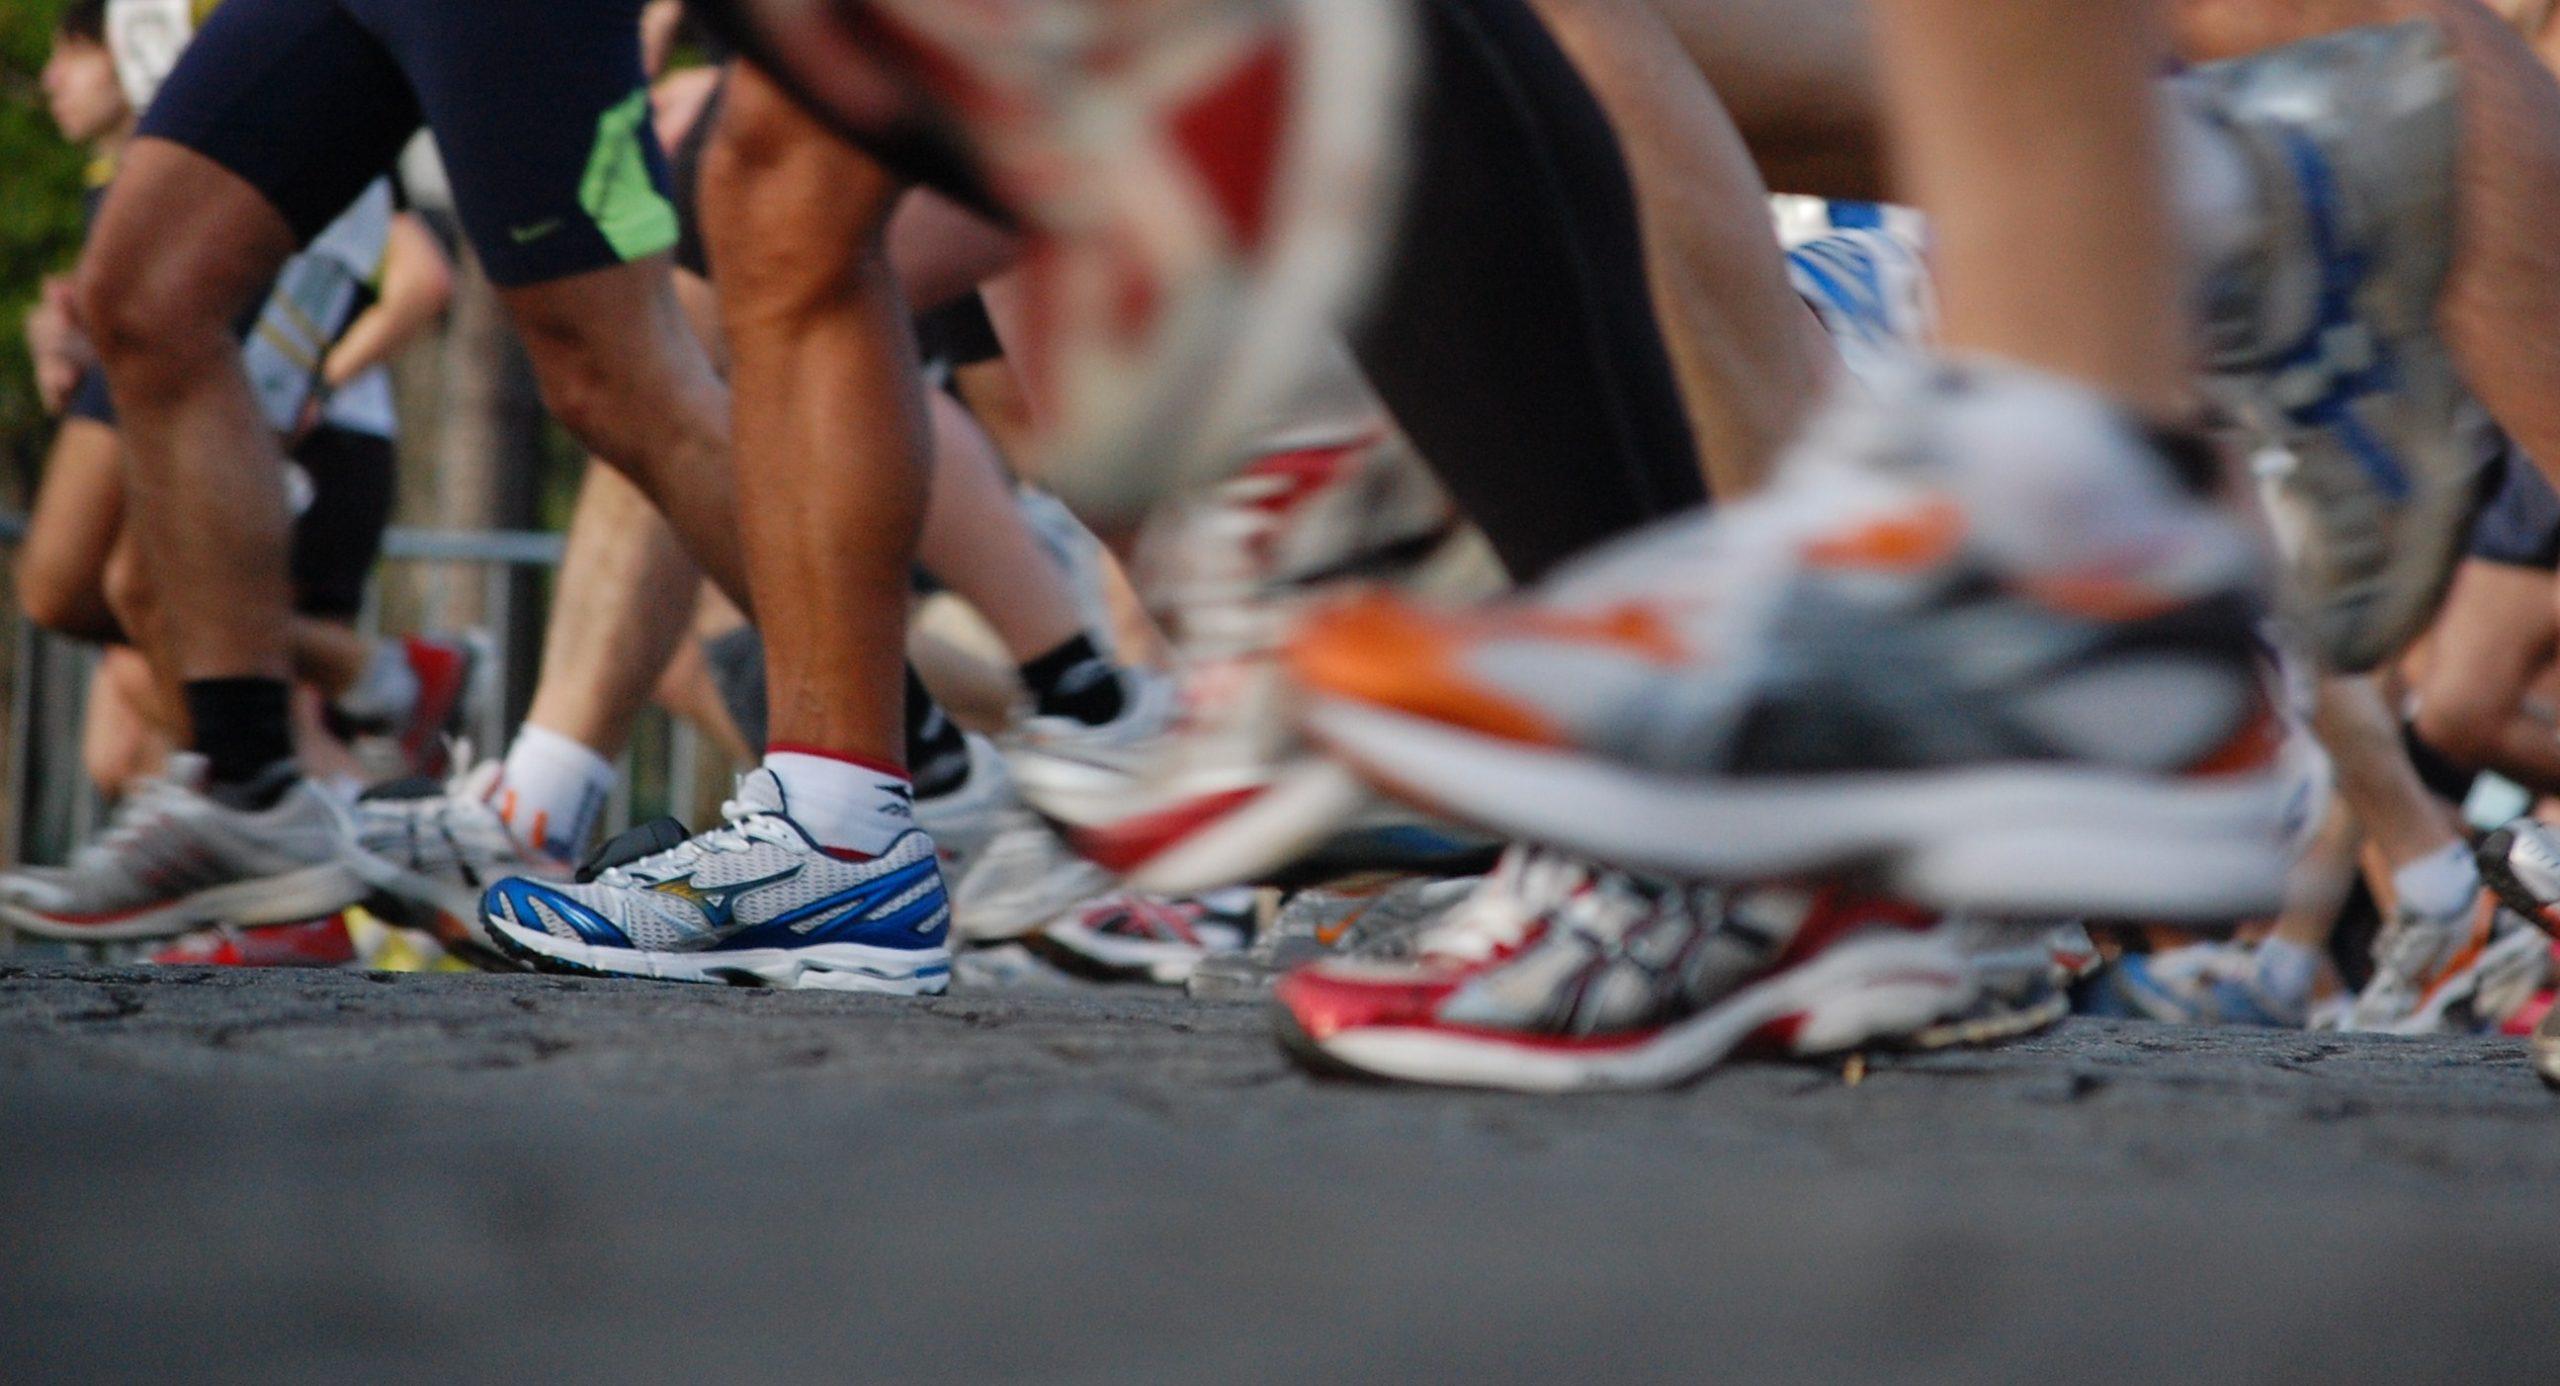 Marathon_shoes